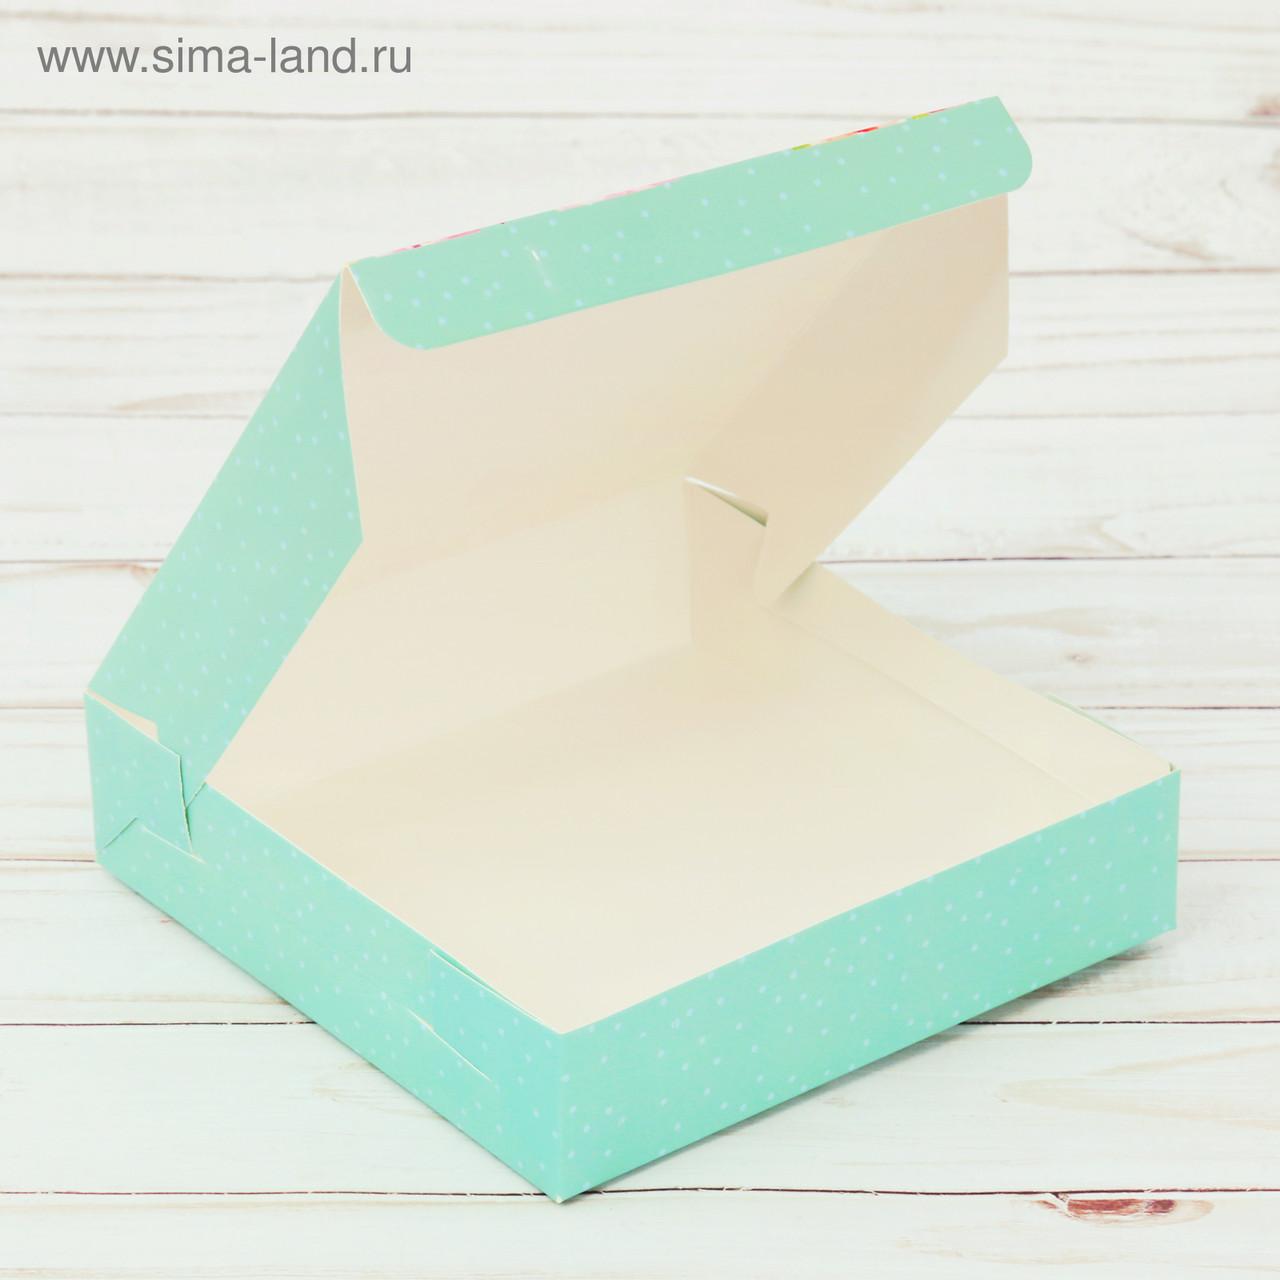 Коробка складная «Поздравляю», 14 × 14 × 3.5 см